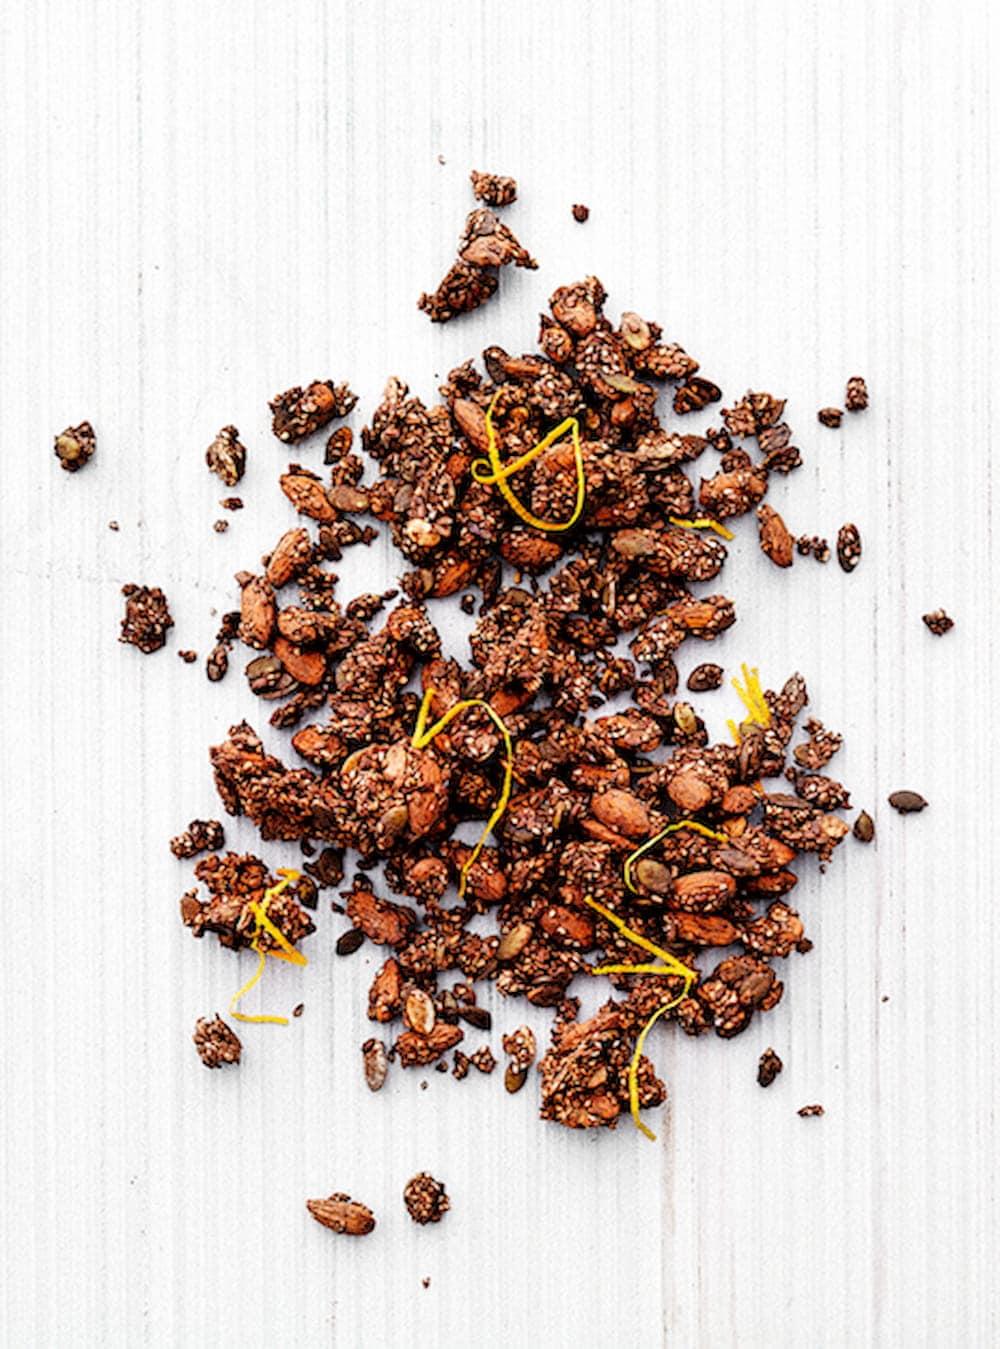 choko-orange granola